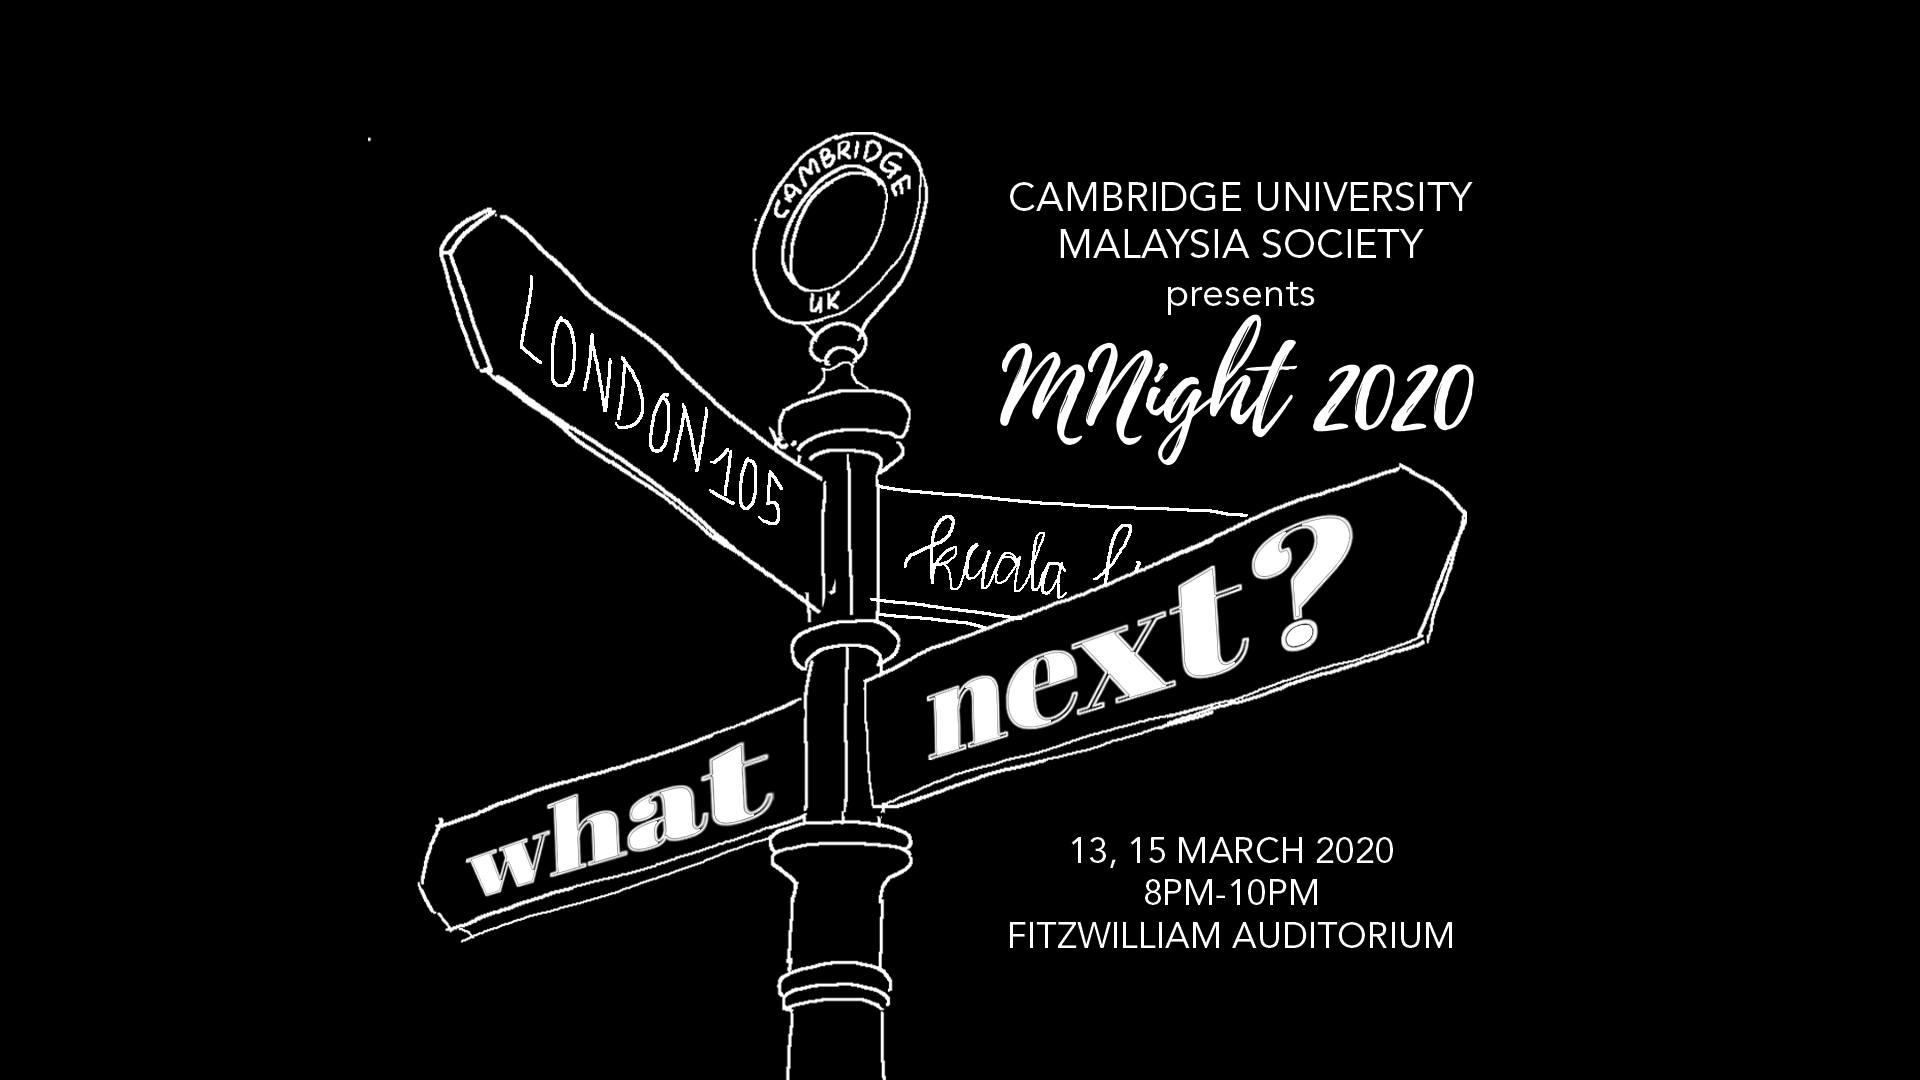 MNight 2020: What Next?